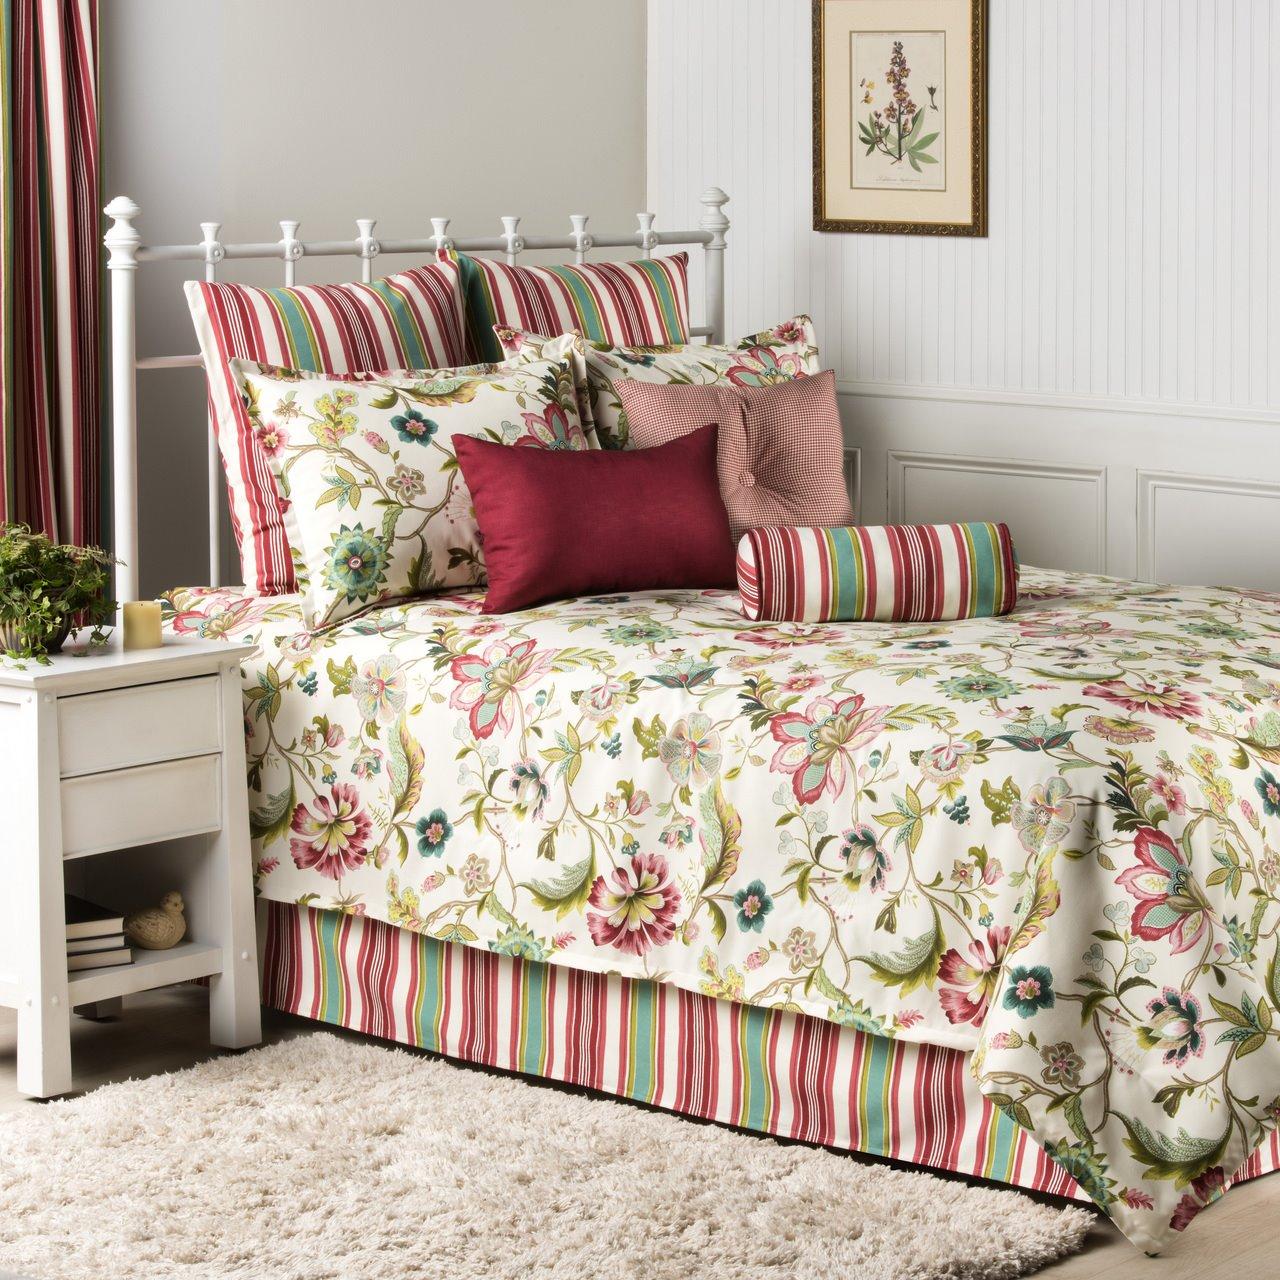 Charleston King 3 piece Quilt Set